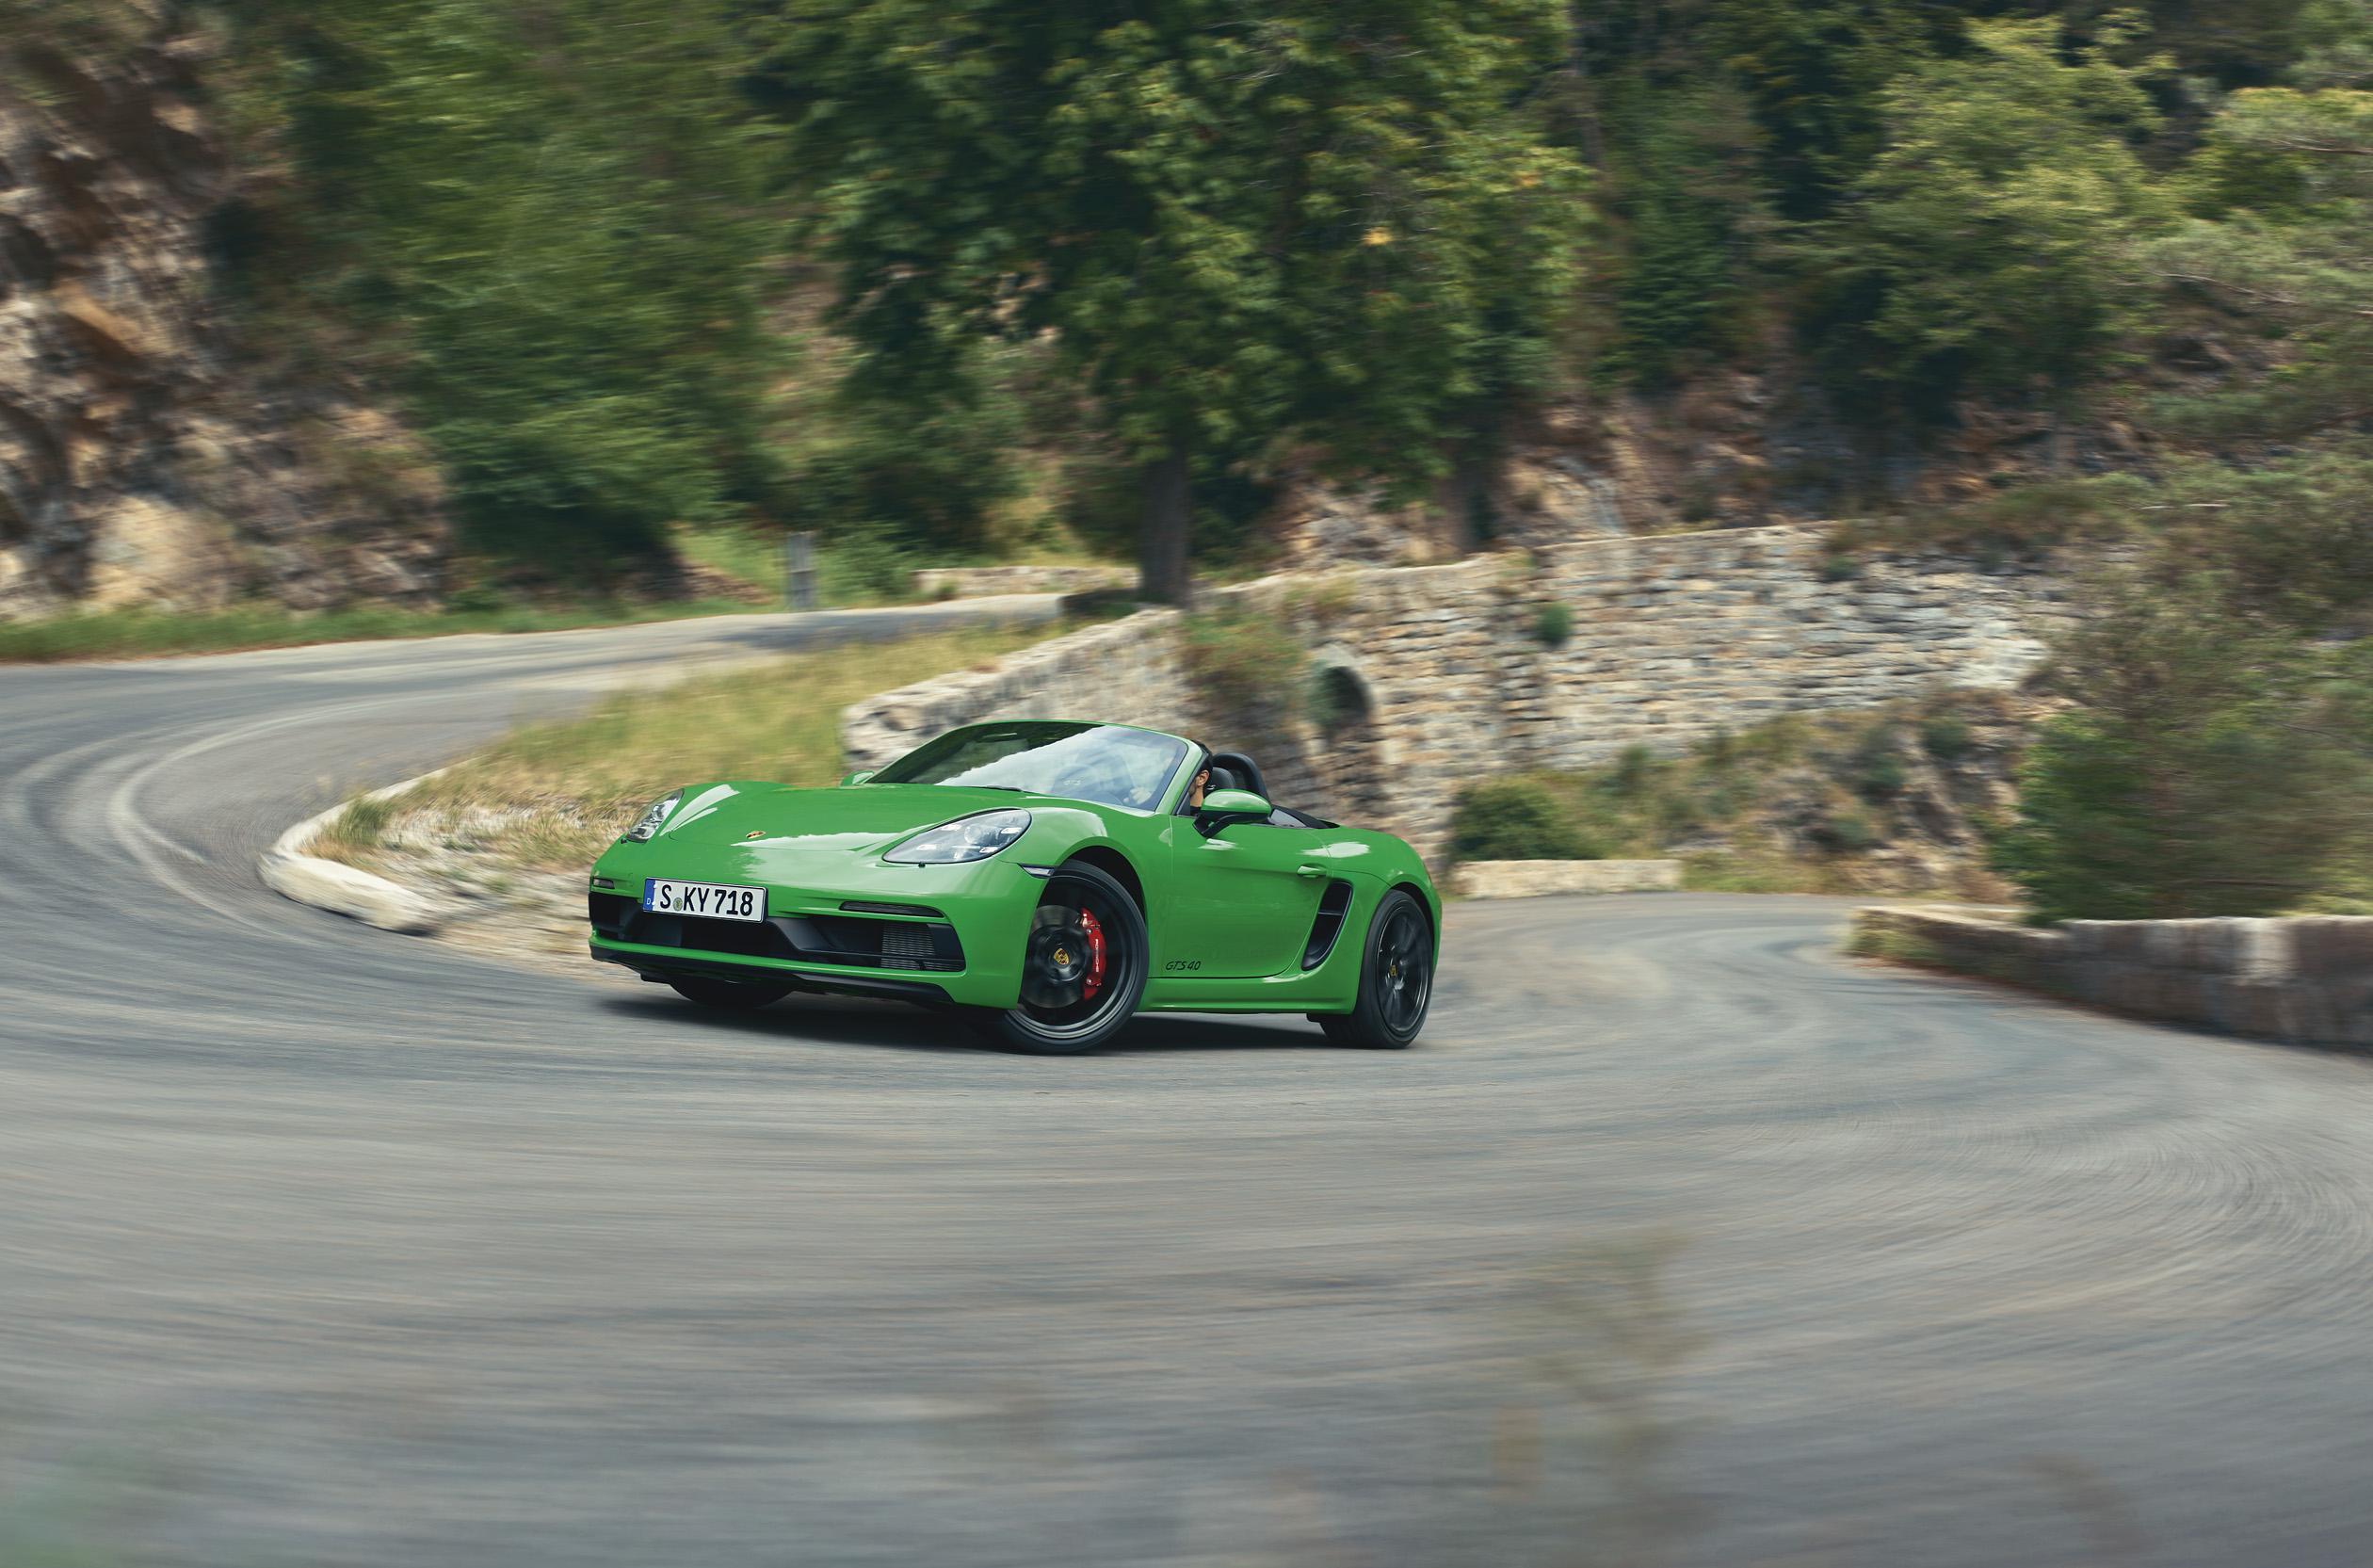 GTS отказывается от 2,5-литрового рядного четырехцилиндрового двигателя от своего предыдущего поколения в пользу шестицилиндрового от GT4. Он настроен в отличие от GT4 всего лишь на 400 л.с. Модель с шестью цилиндрами доступна с ручной коробкой перед